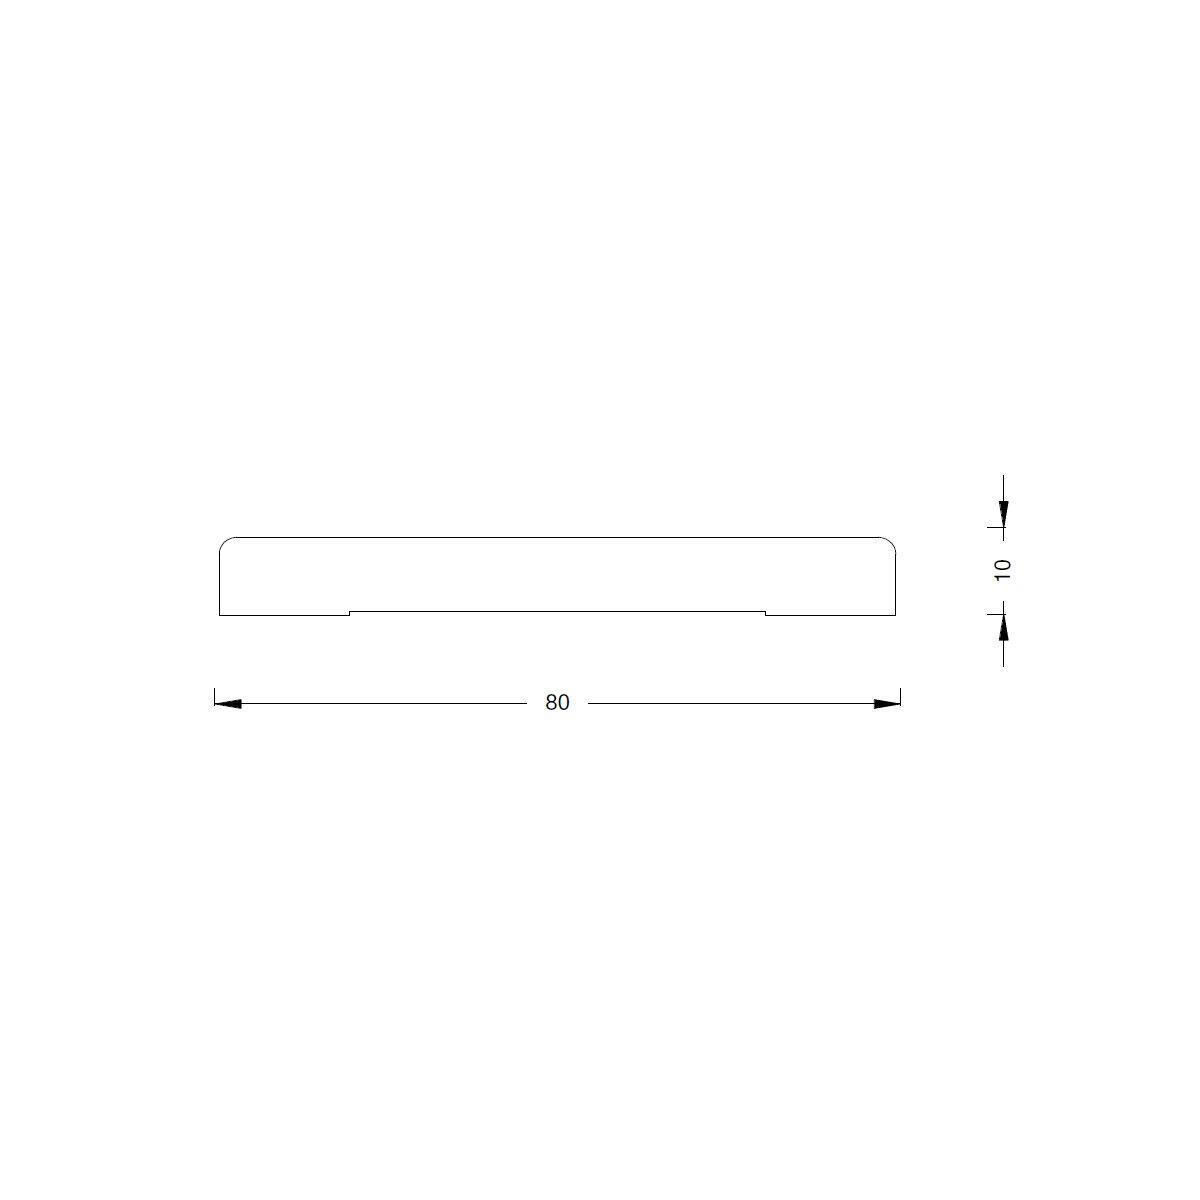 Coprifilo in legno legno massello naturale L 2250 x P 10 x H 80 mm - 4